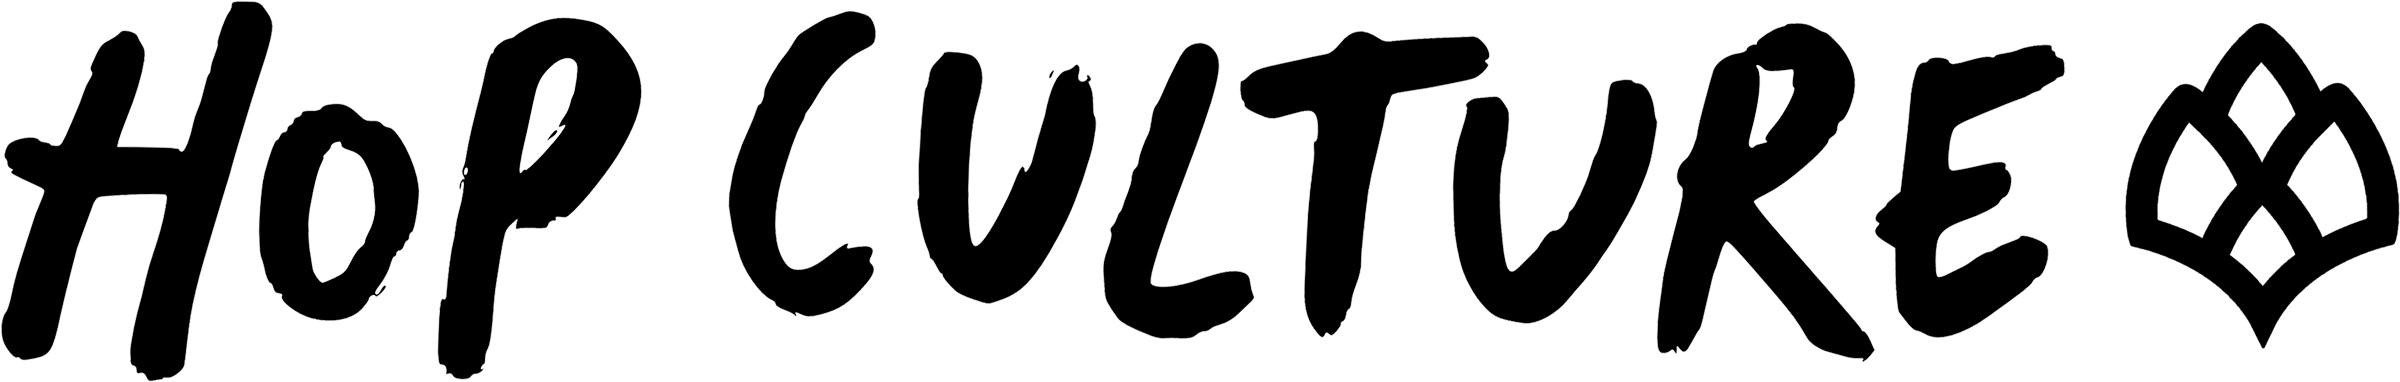 Hop-Culture-Script-Logo.png